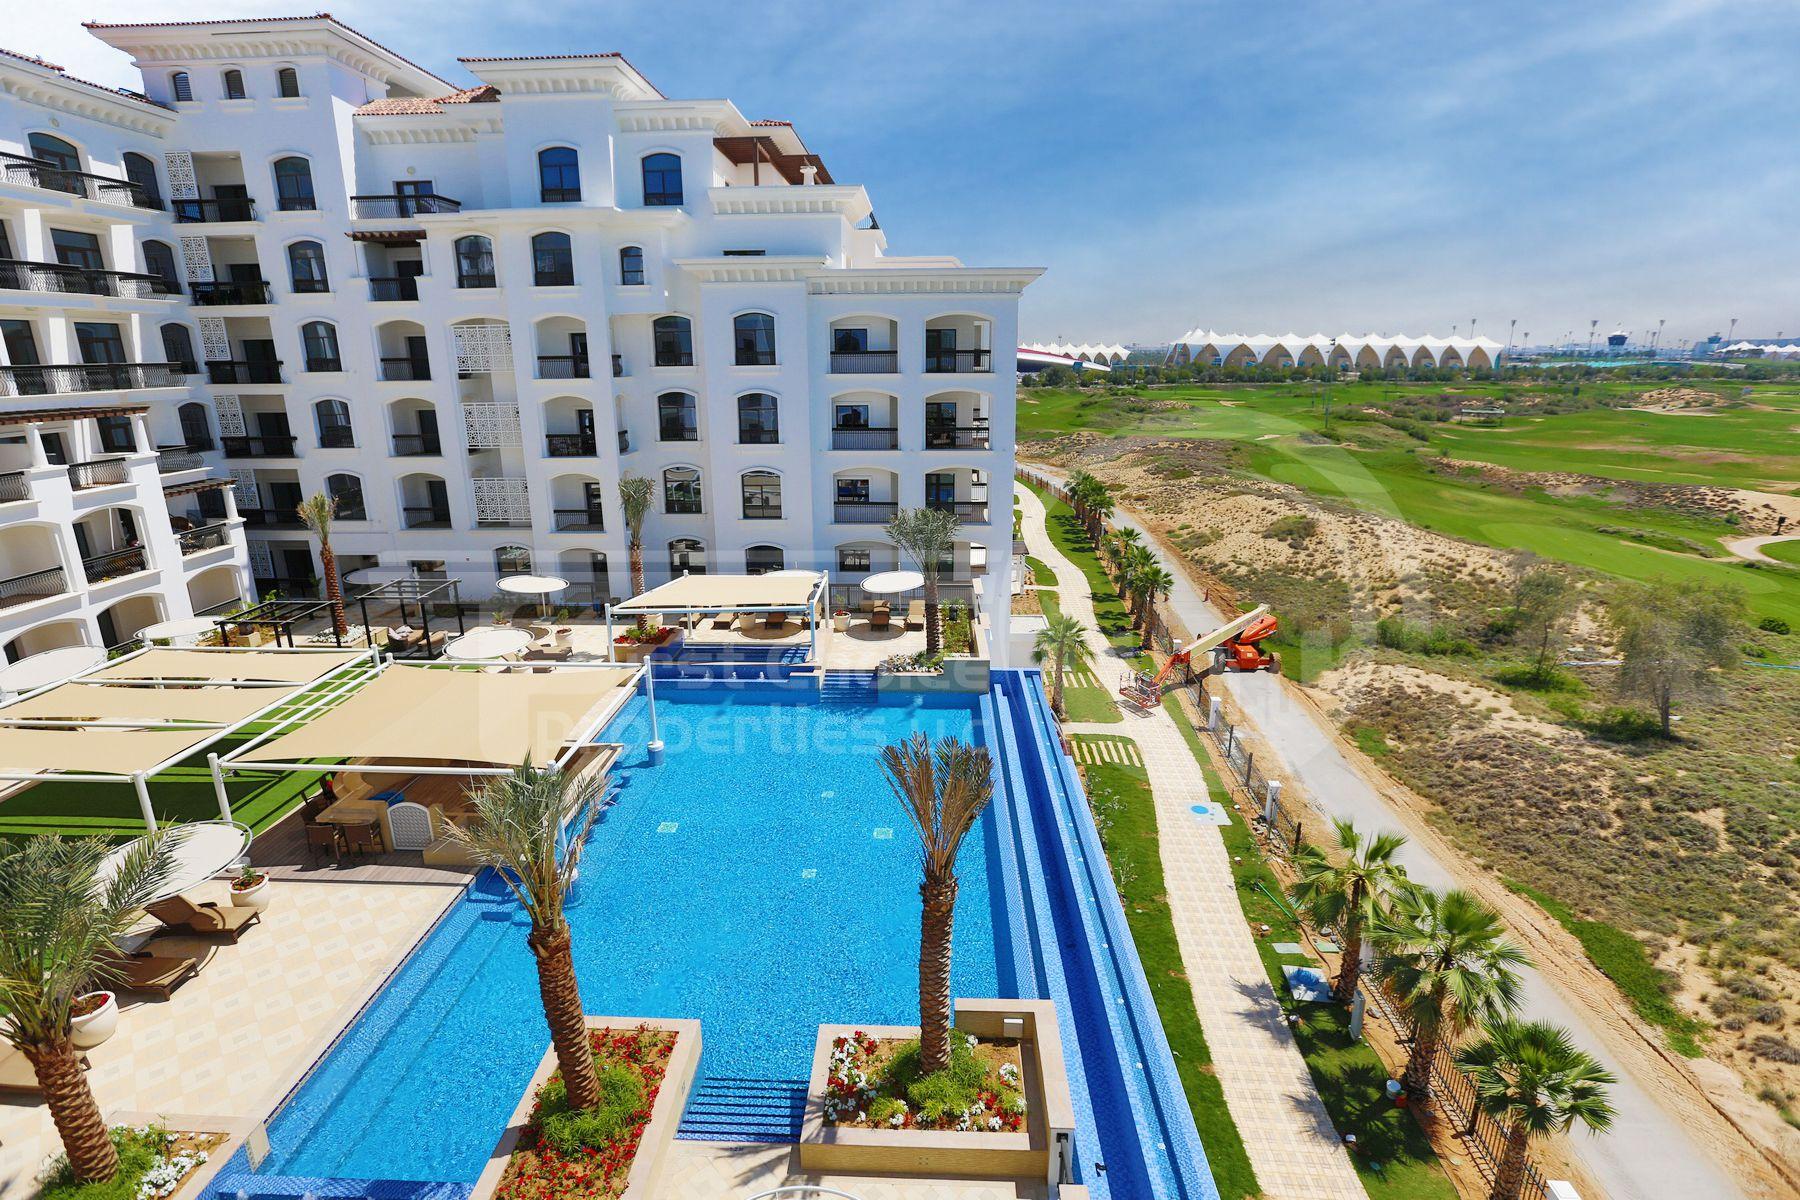 Studio - 1BR - 2BR - 3BR Apartment - UAE - Abu Dhabi - Yas Island - Ansam (4).jpg